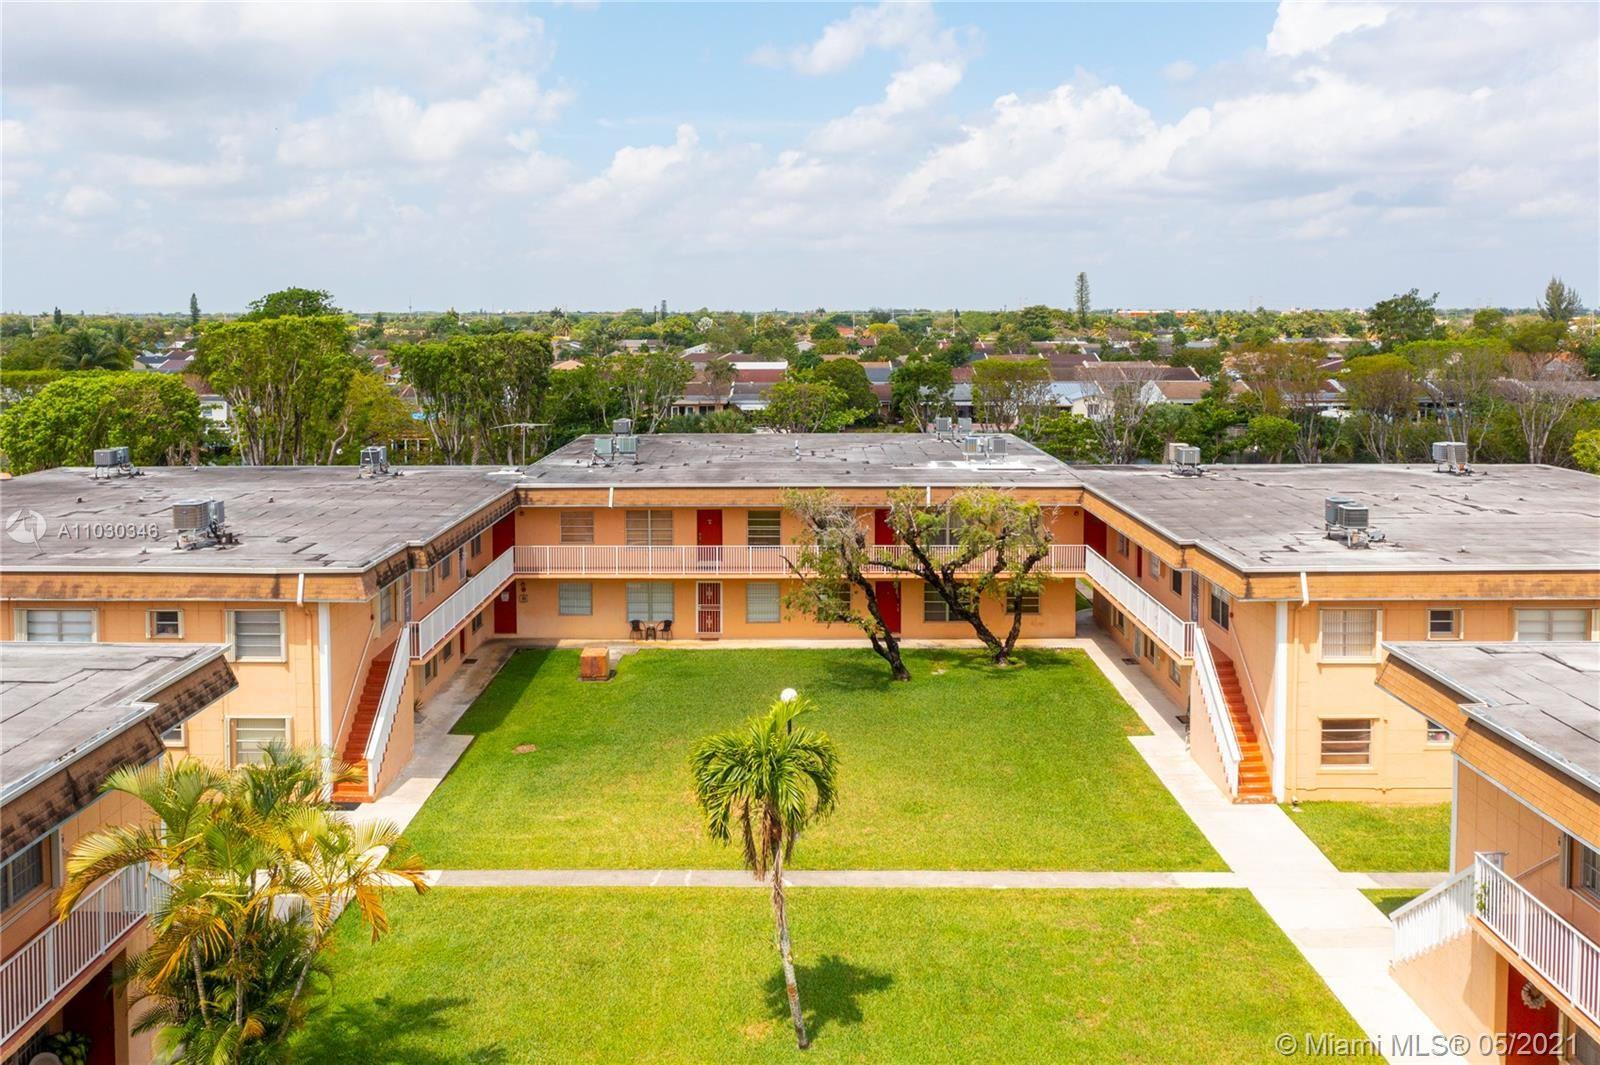 12850 SW 43rd Dr #255, Miami, FL 33175 - #: A11030346